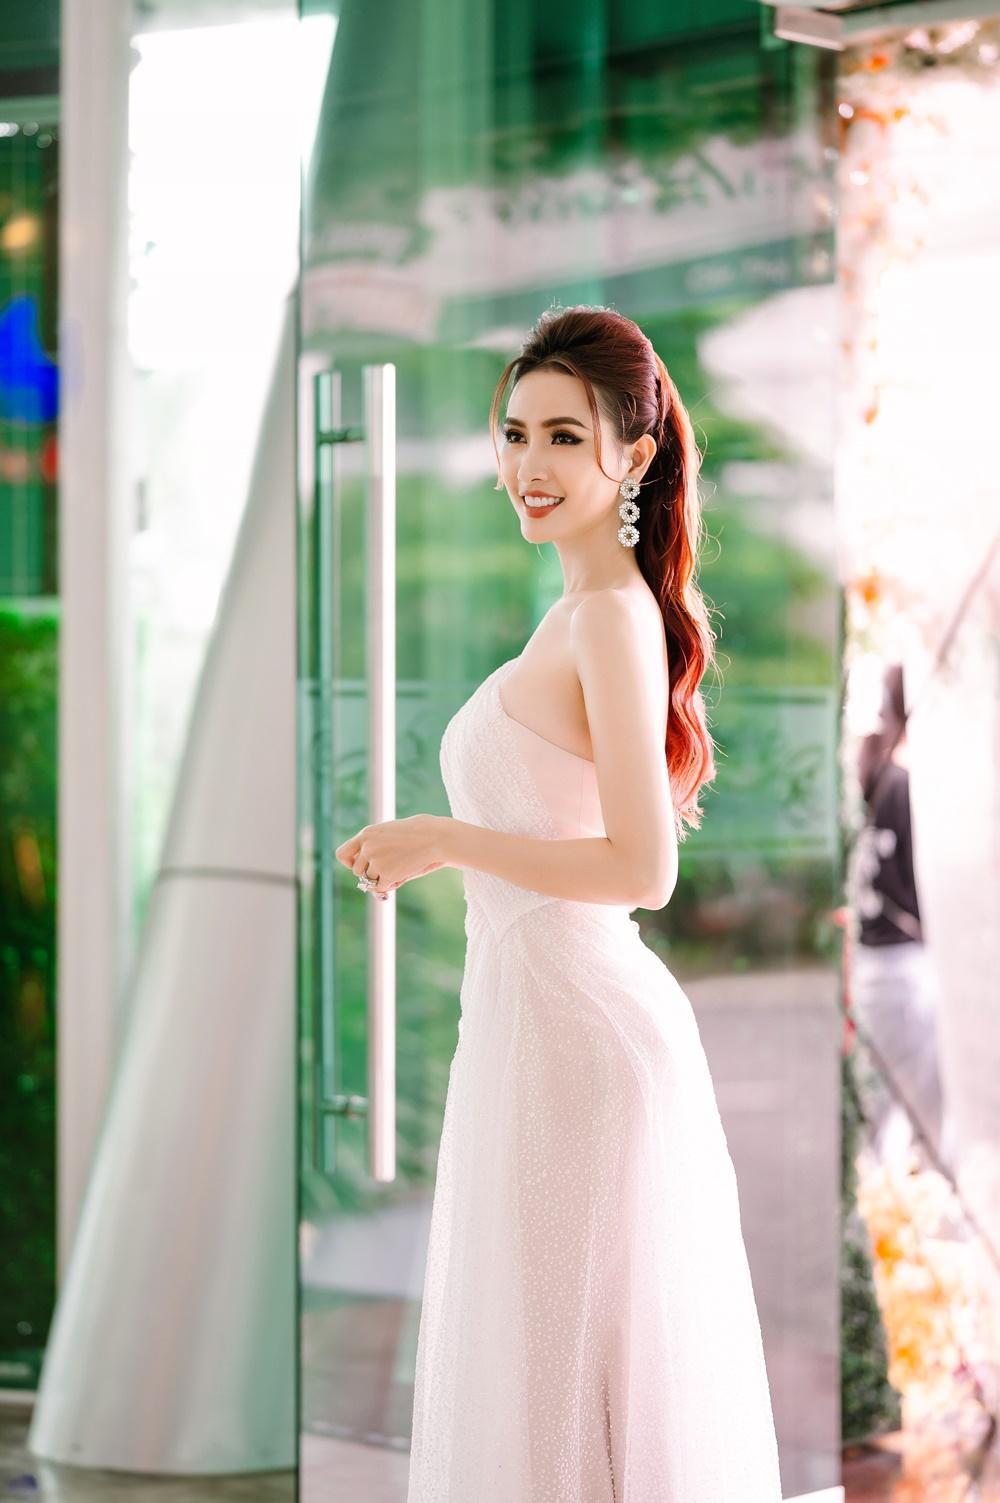 Phan Thị Mơ quyến rũ với váy mỏng manh thanh khiết như sương mai Ảnh 7